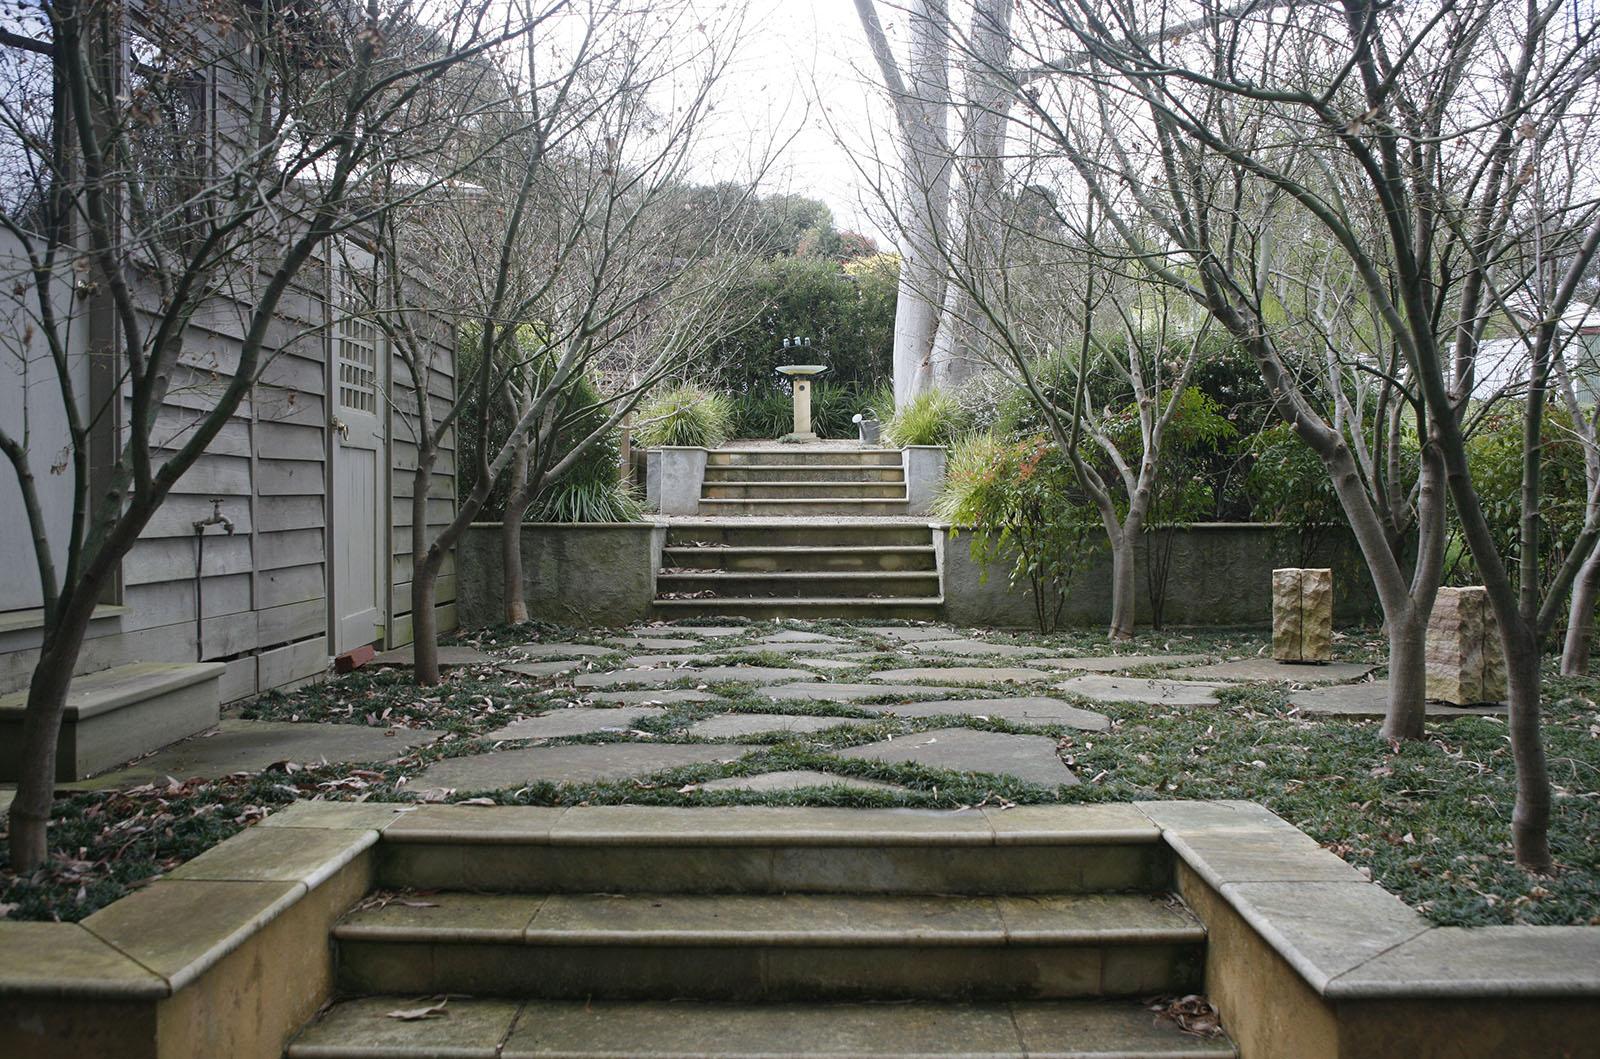 Garden in the Hills_0000s_0005_Vinen 7